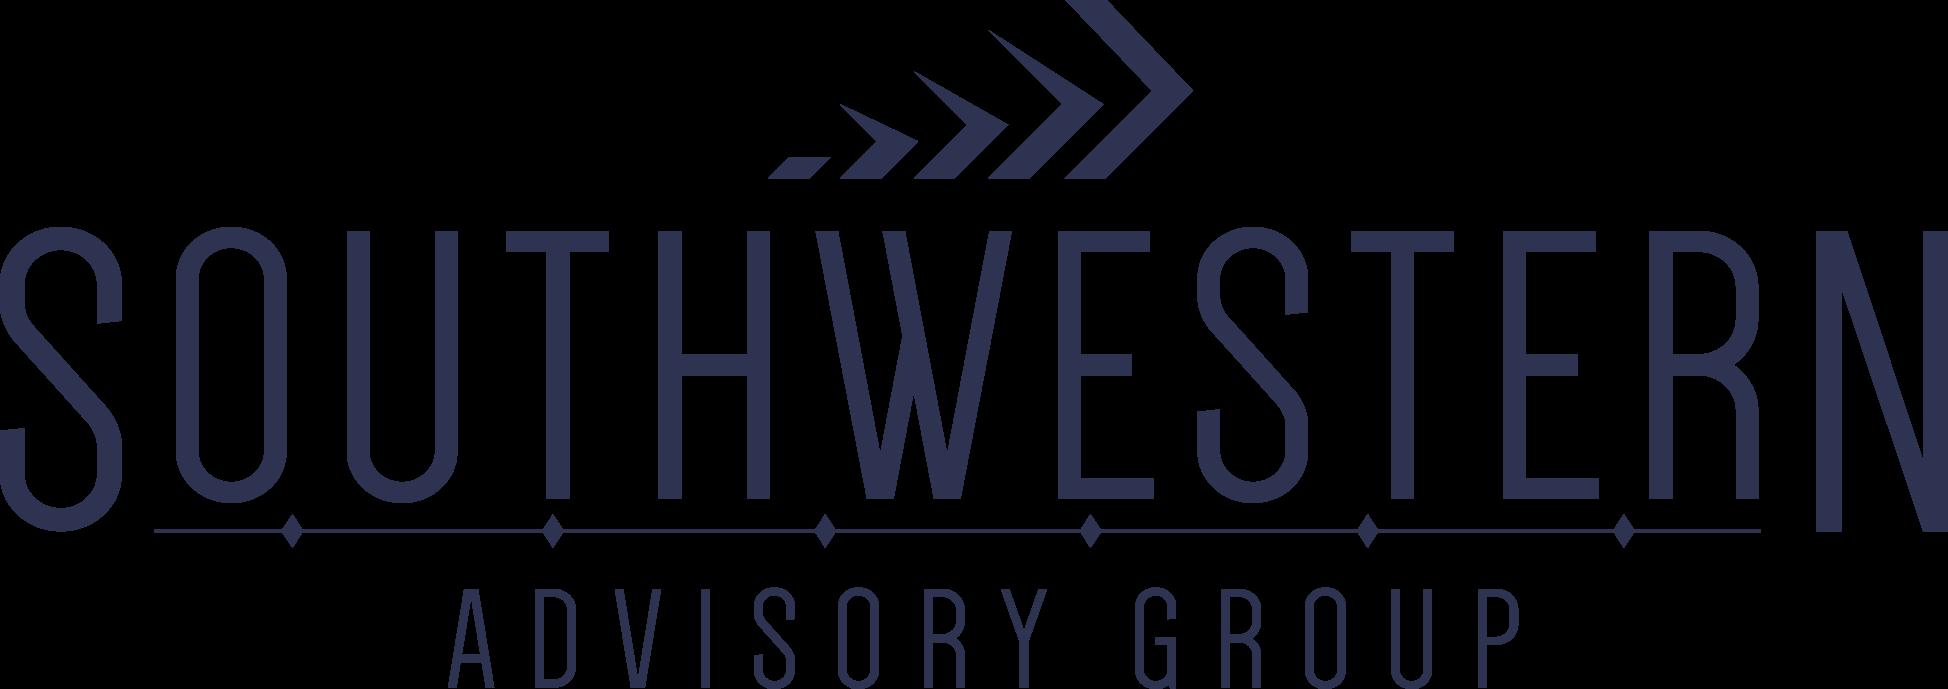 Southwestern Advisory Group